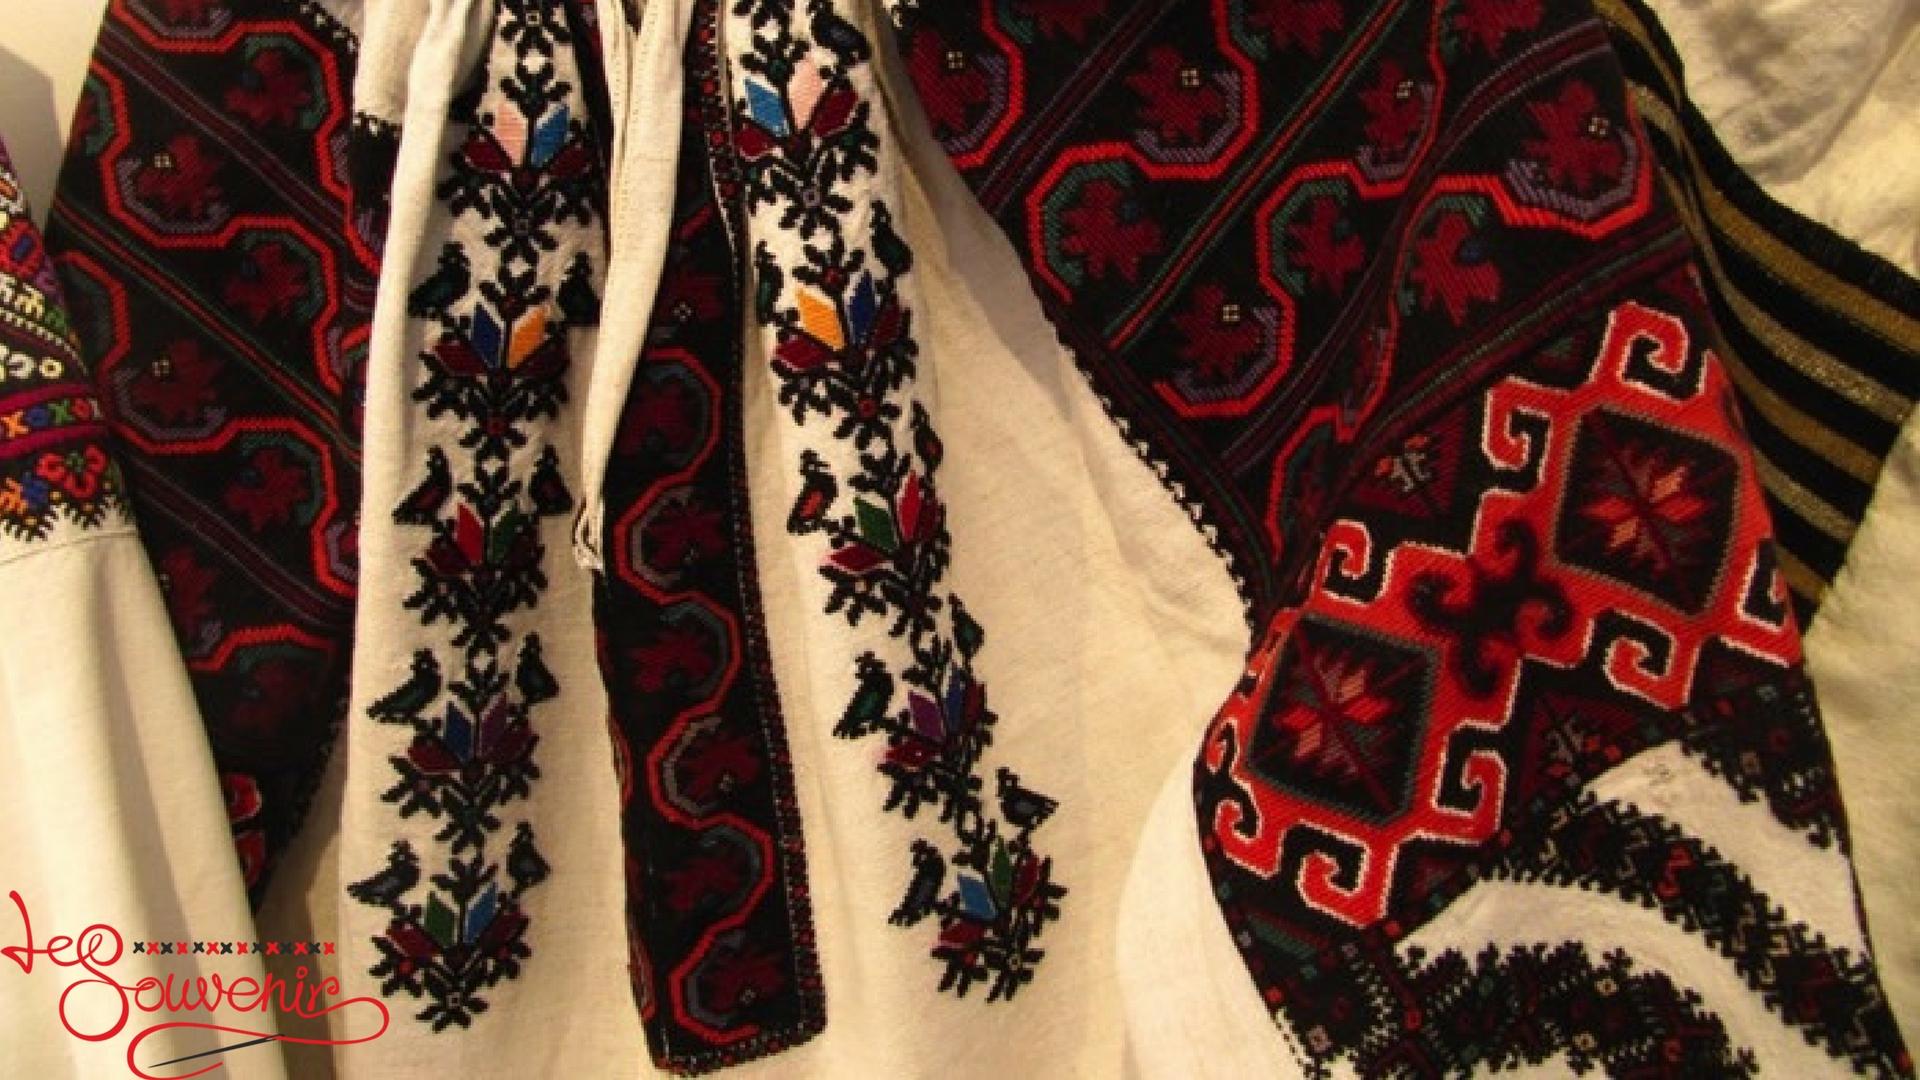 Борщівські вишиванки – одяг з багатою історією cf0fa138dd2e0